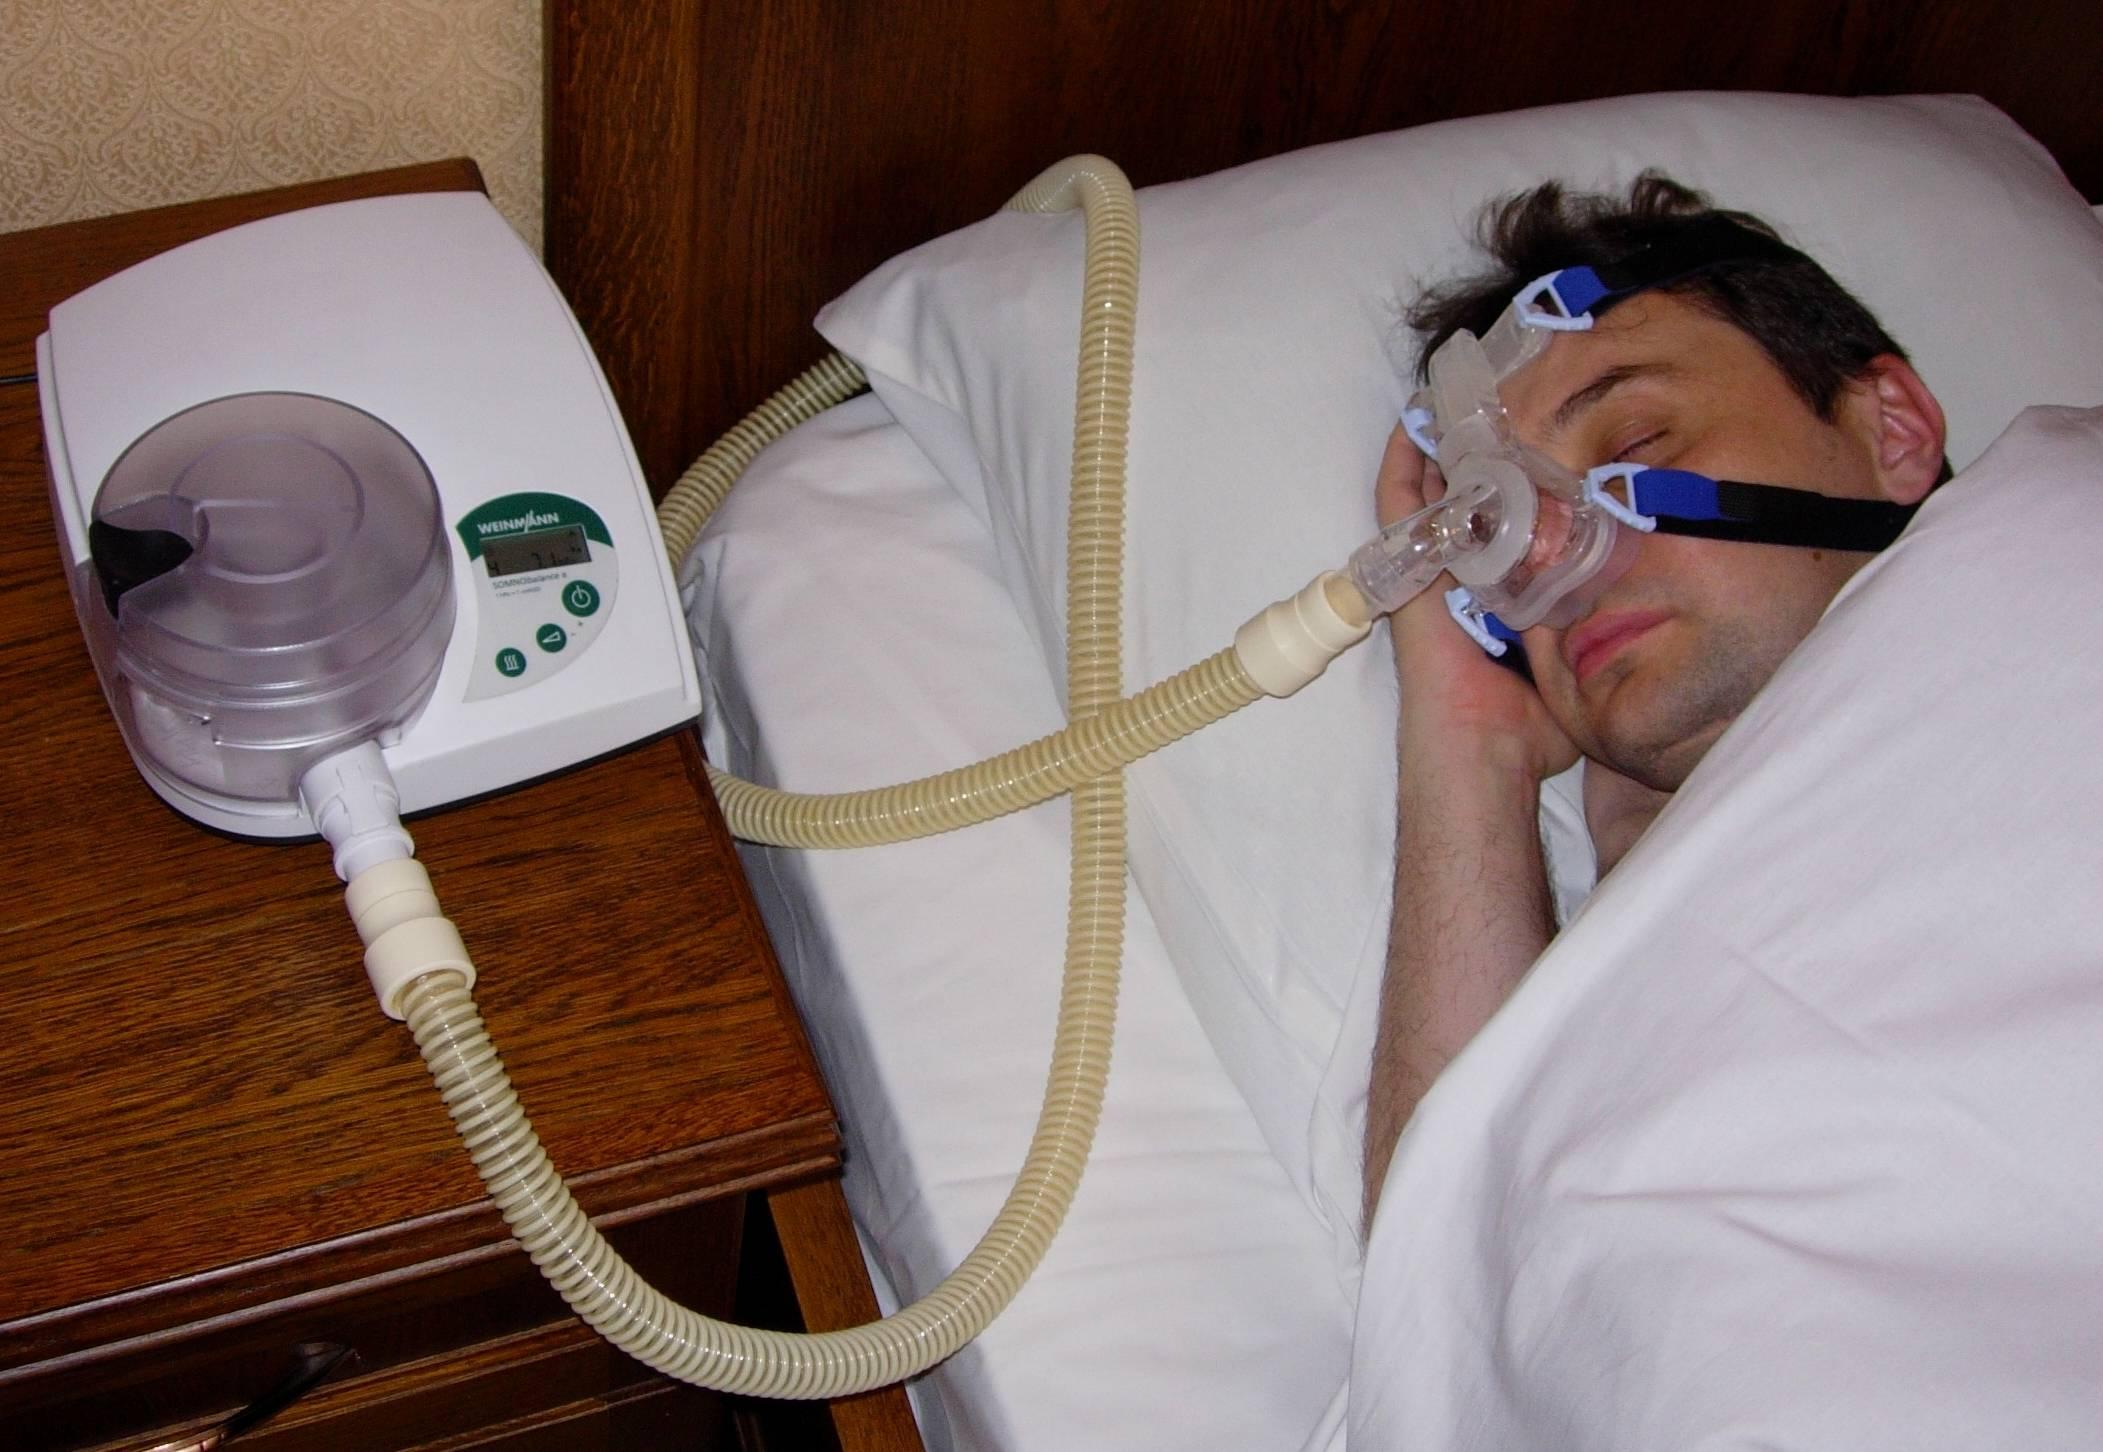 Лечение апноэ: как избавиться от временной остановки дыхания во сне, где найти специалиста по этому недугу, причины появления ночного храпа, в каких клиниках работают с этим синдромом, а также тренировка апноэ и аппарат по борьбе с ним